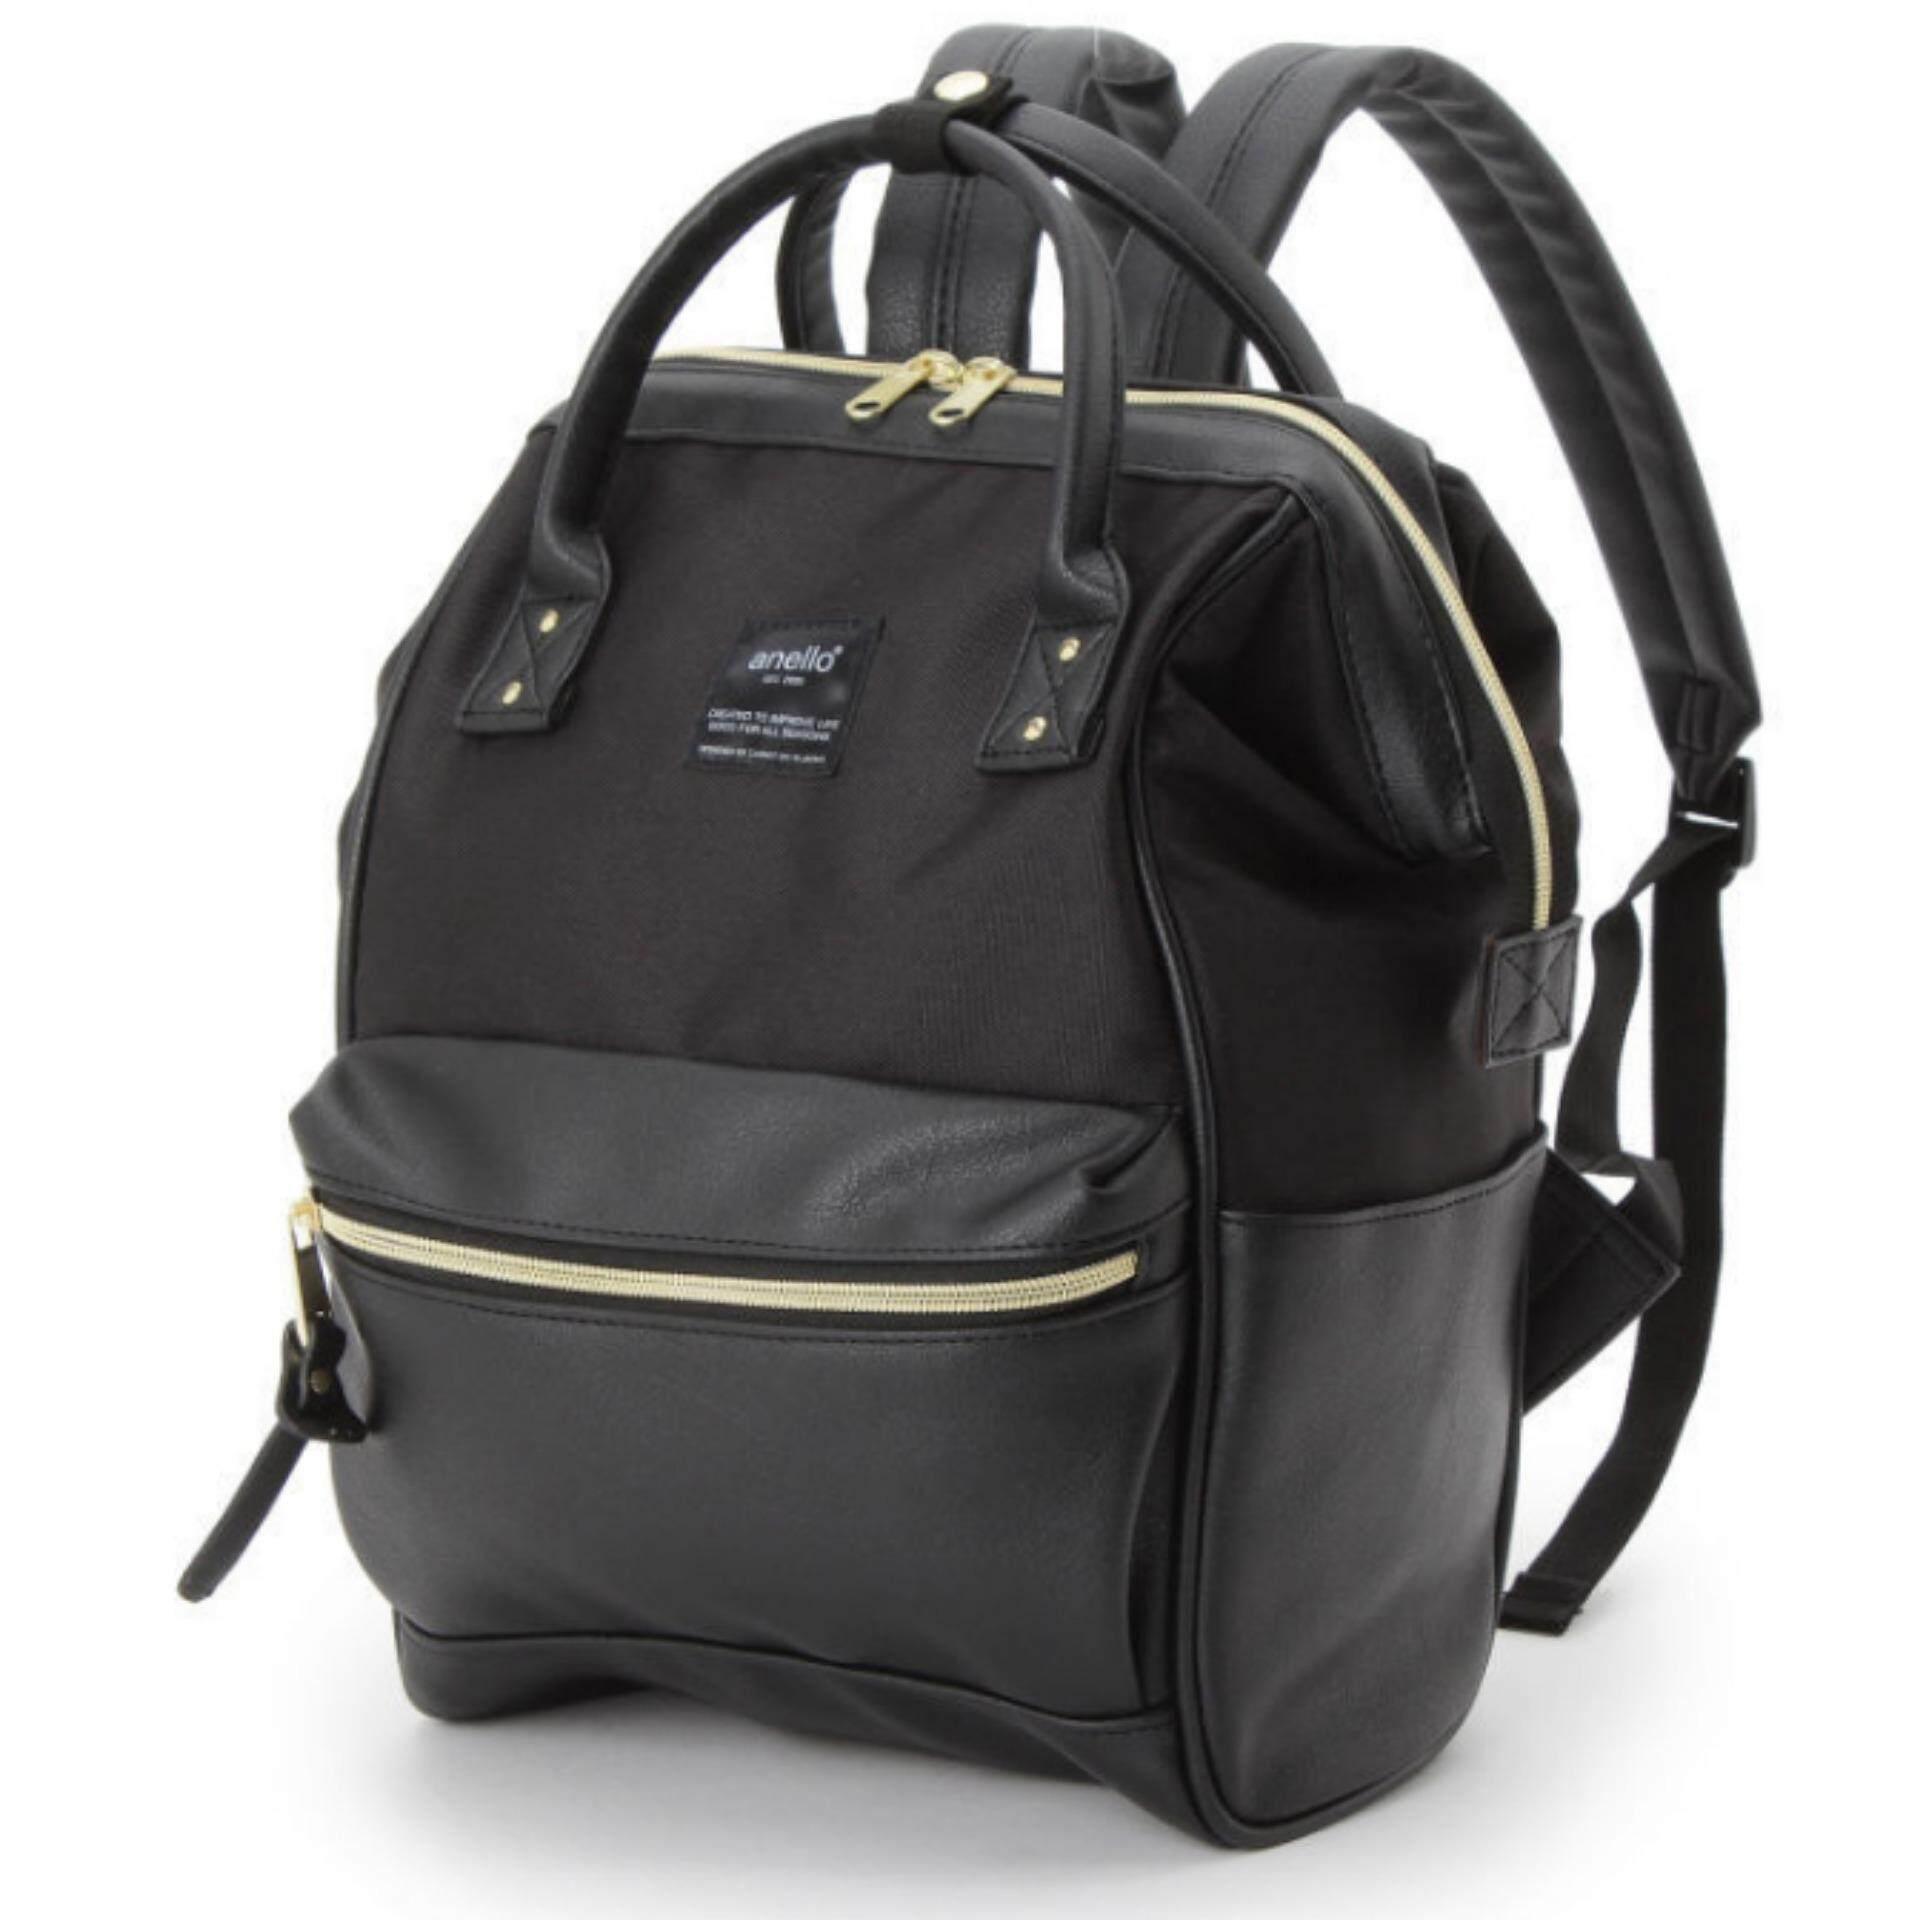 ชัยนาท กระเป๋าเป้สะพายหลัง Anello The Emporium Dark Black Japan Imported 100%